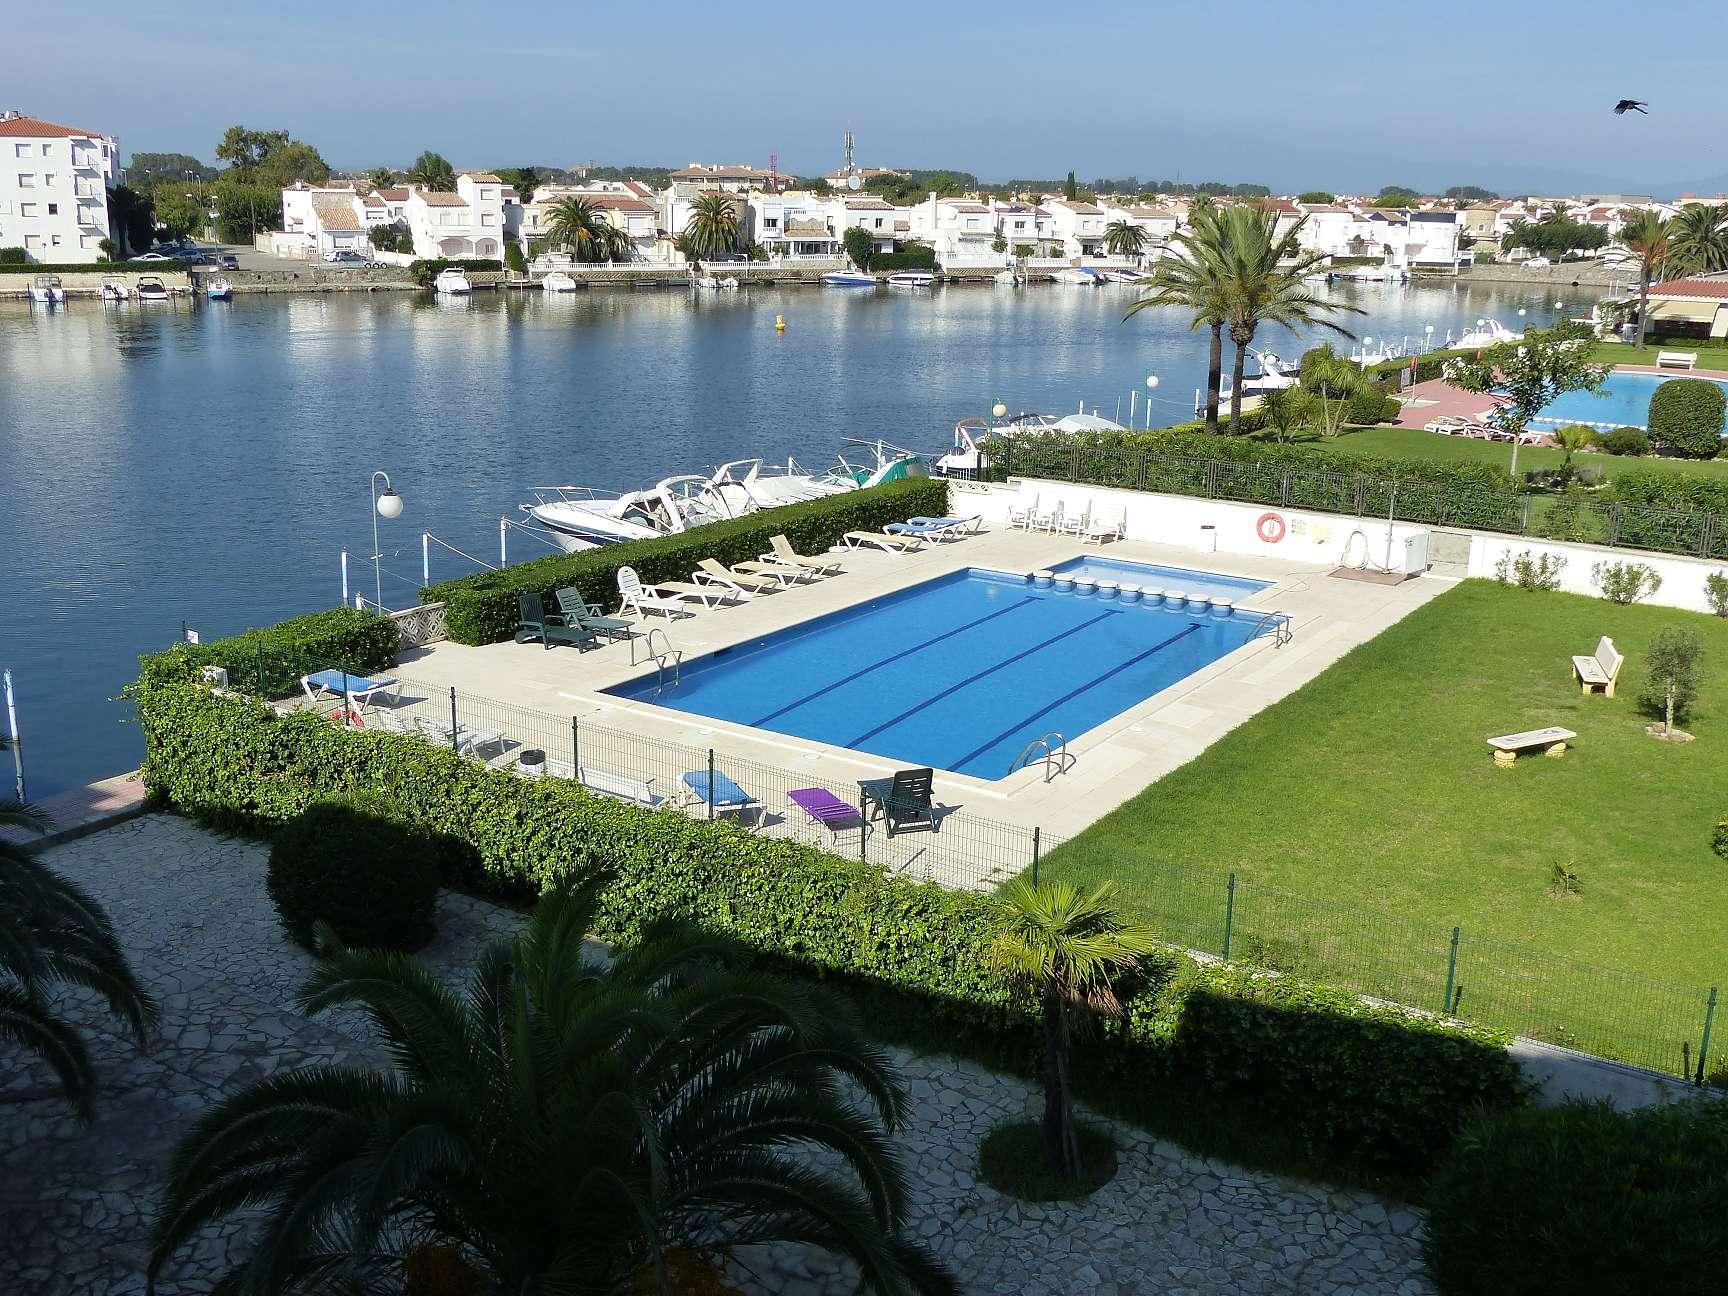 Bel appartement avec piscine et vue sur le canal for Appartement piscine